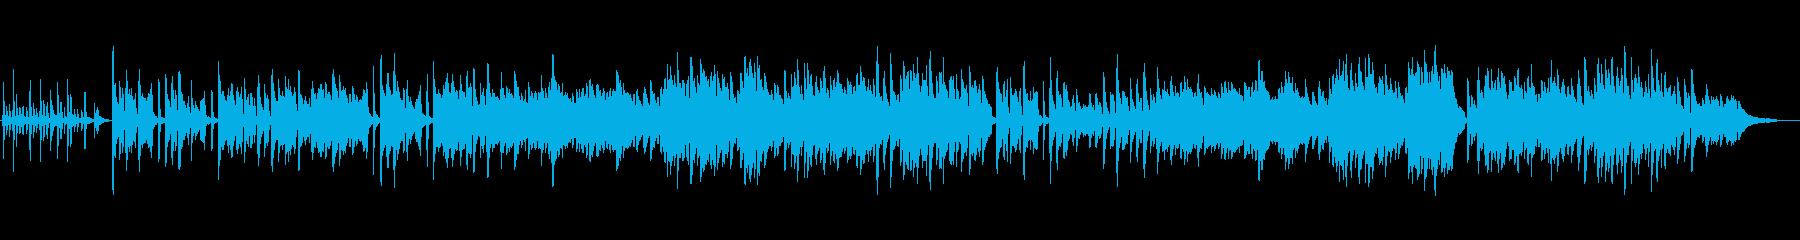 さわやかな雰囲気のピアノインストの再生済みの波形